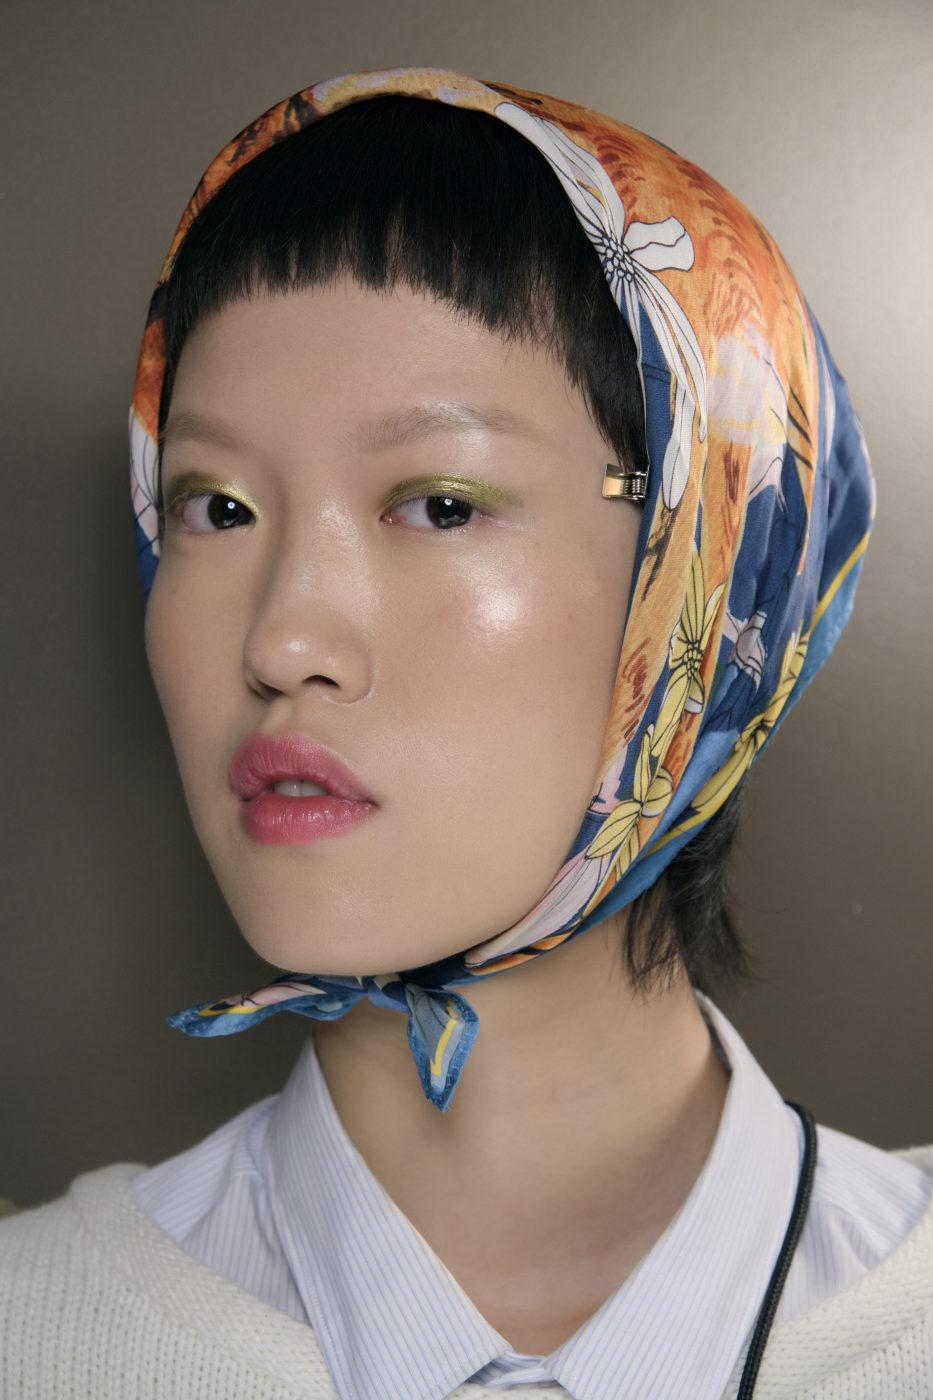 Kosmetikföretaget MAC har skapat en snygg look för Derek Lam som stämmer väl in för trender 2019